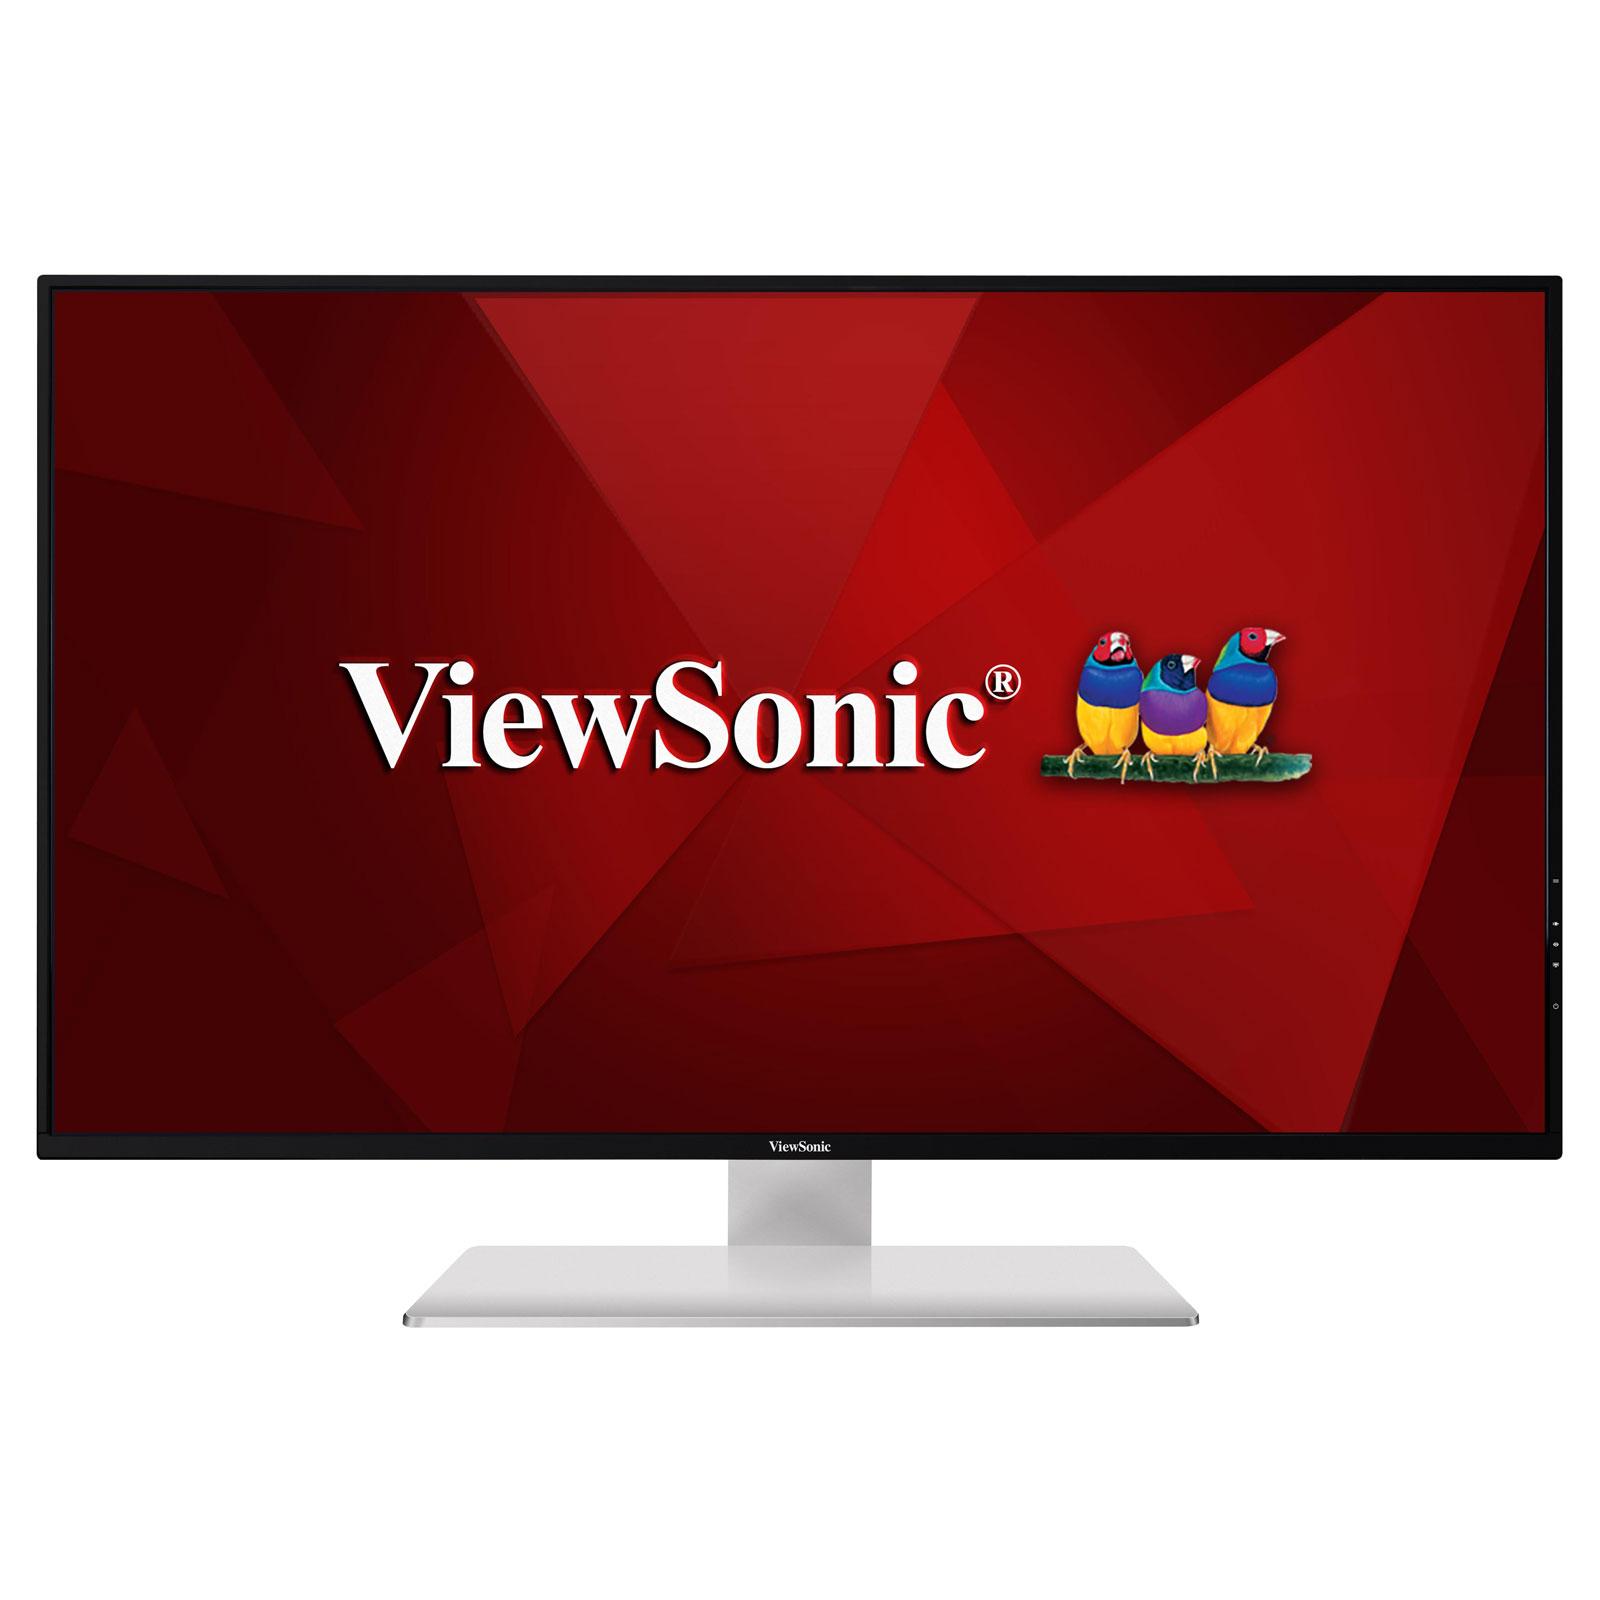 viewsonic 43 led vx4380 4k ecran pc viewsonic sur. Black Bedroom Furniture Sets. Home Design Ideas